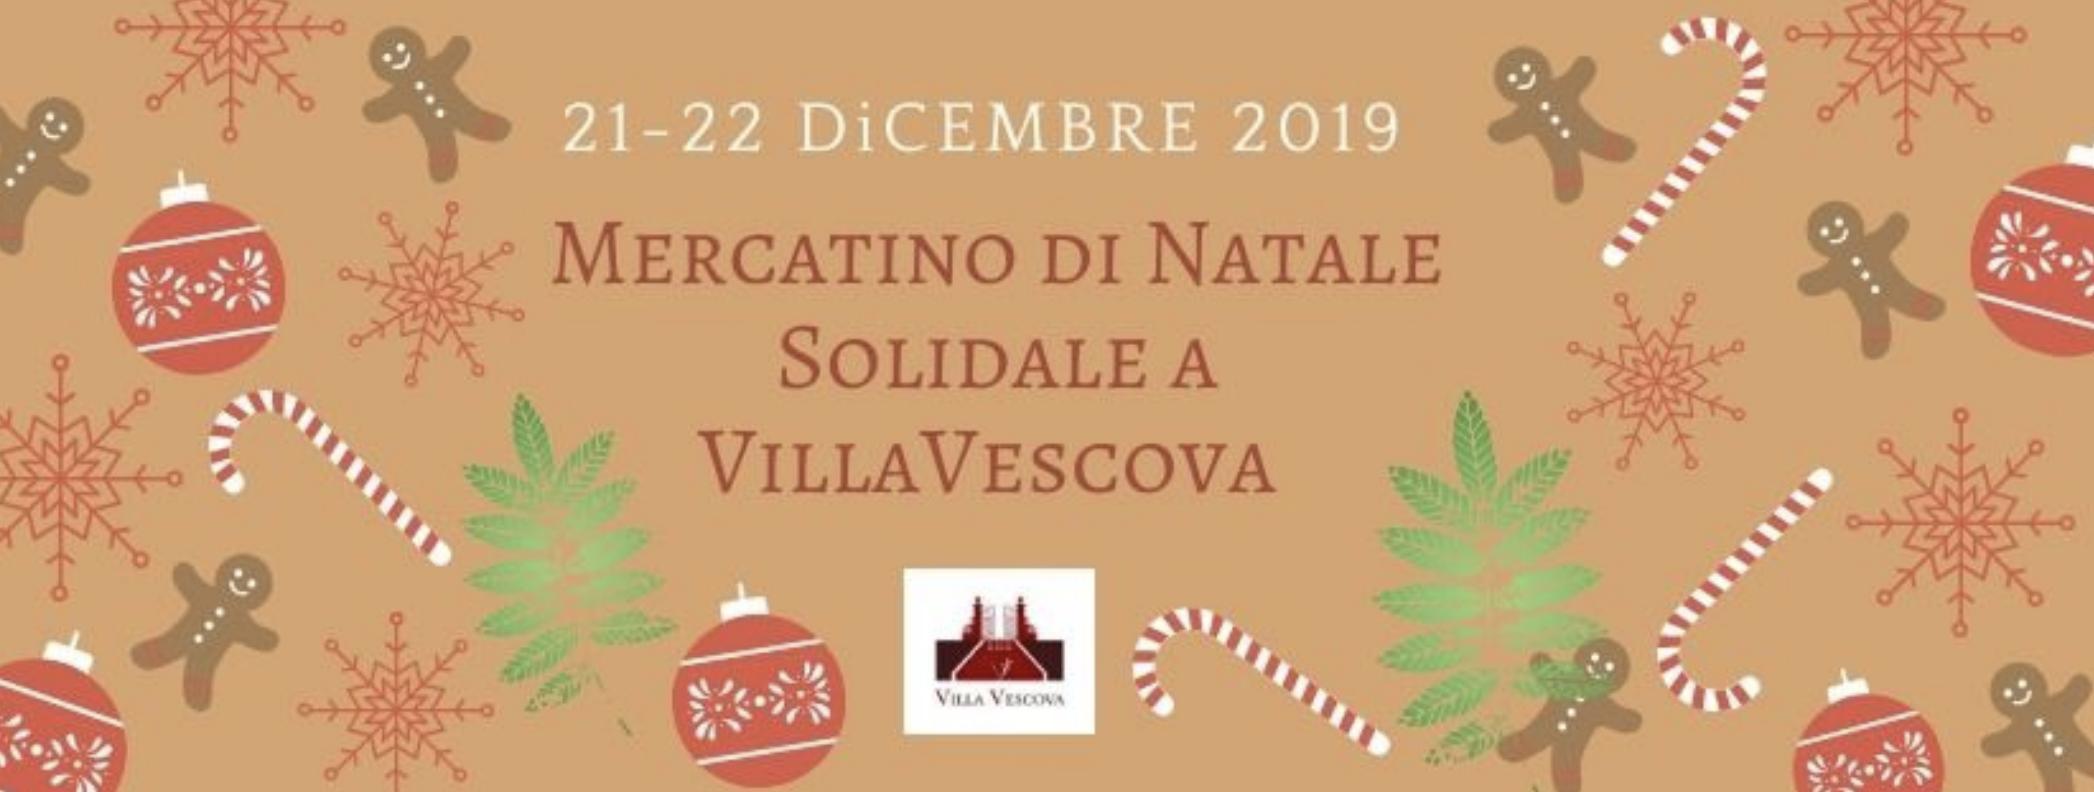 Mercatino di Natale solidale a Villa Vescova